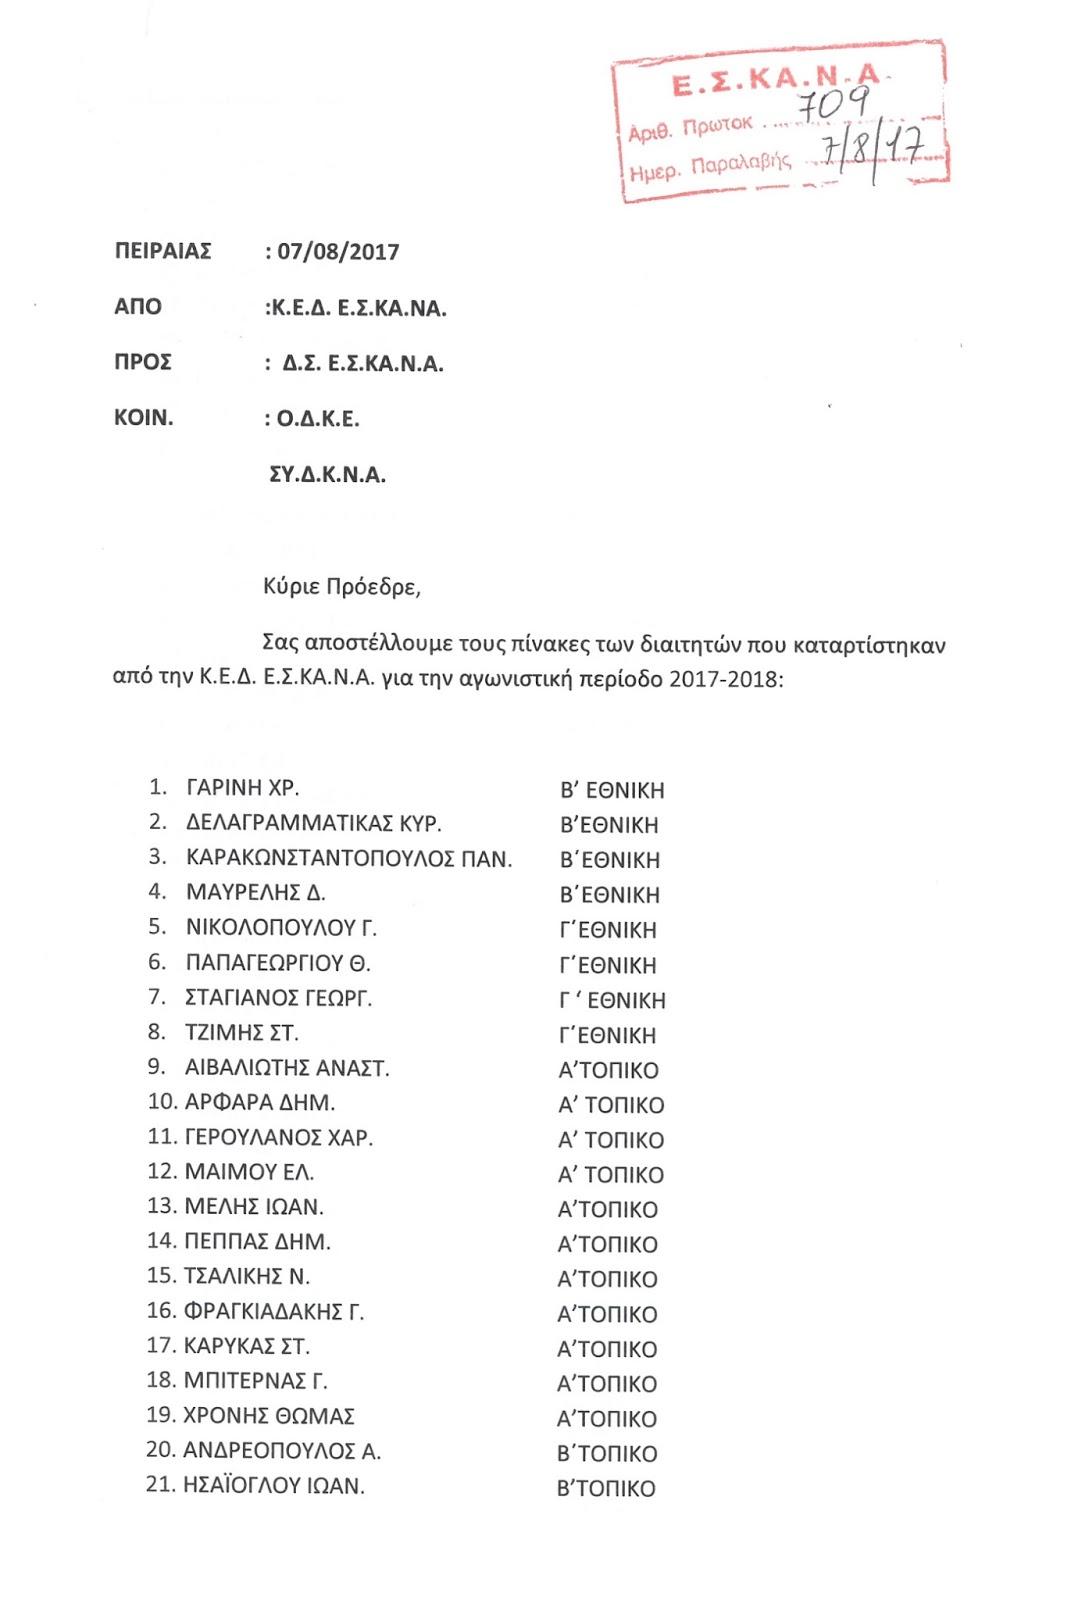 Οι αξιολογήσεις των διαιτητών του ΣΥΔΚΝΑ για την περίοδο 2017-18 από την ΚΕΔ ΕΣΚΑΝΑ